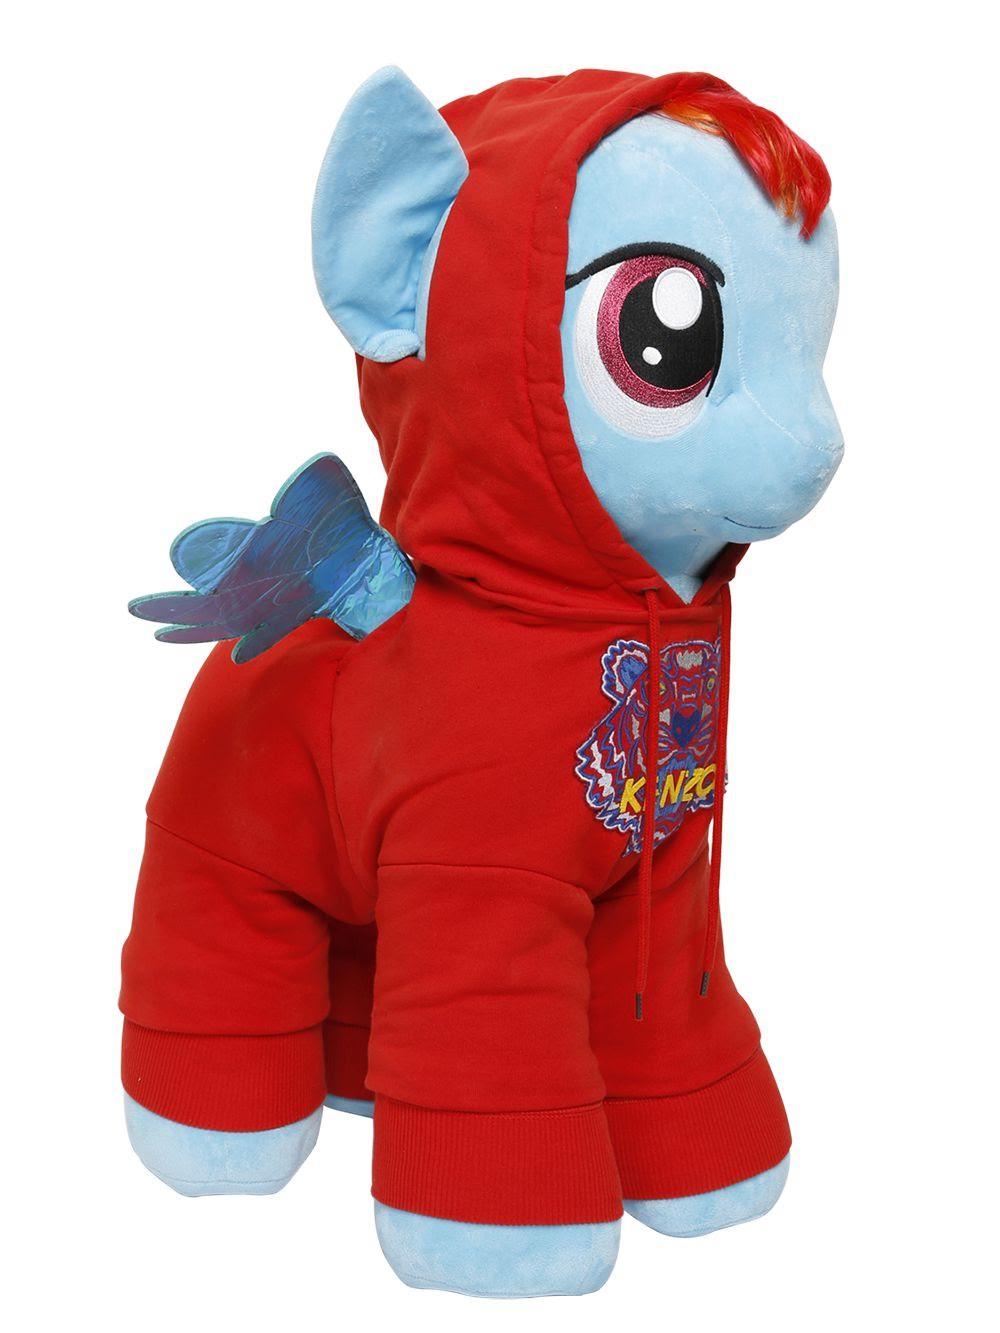 Nepal, My Little Pony griffati all'asta su eBay per i bimbi terremotati07